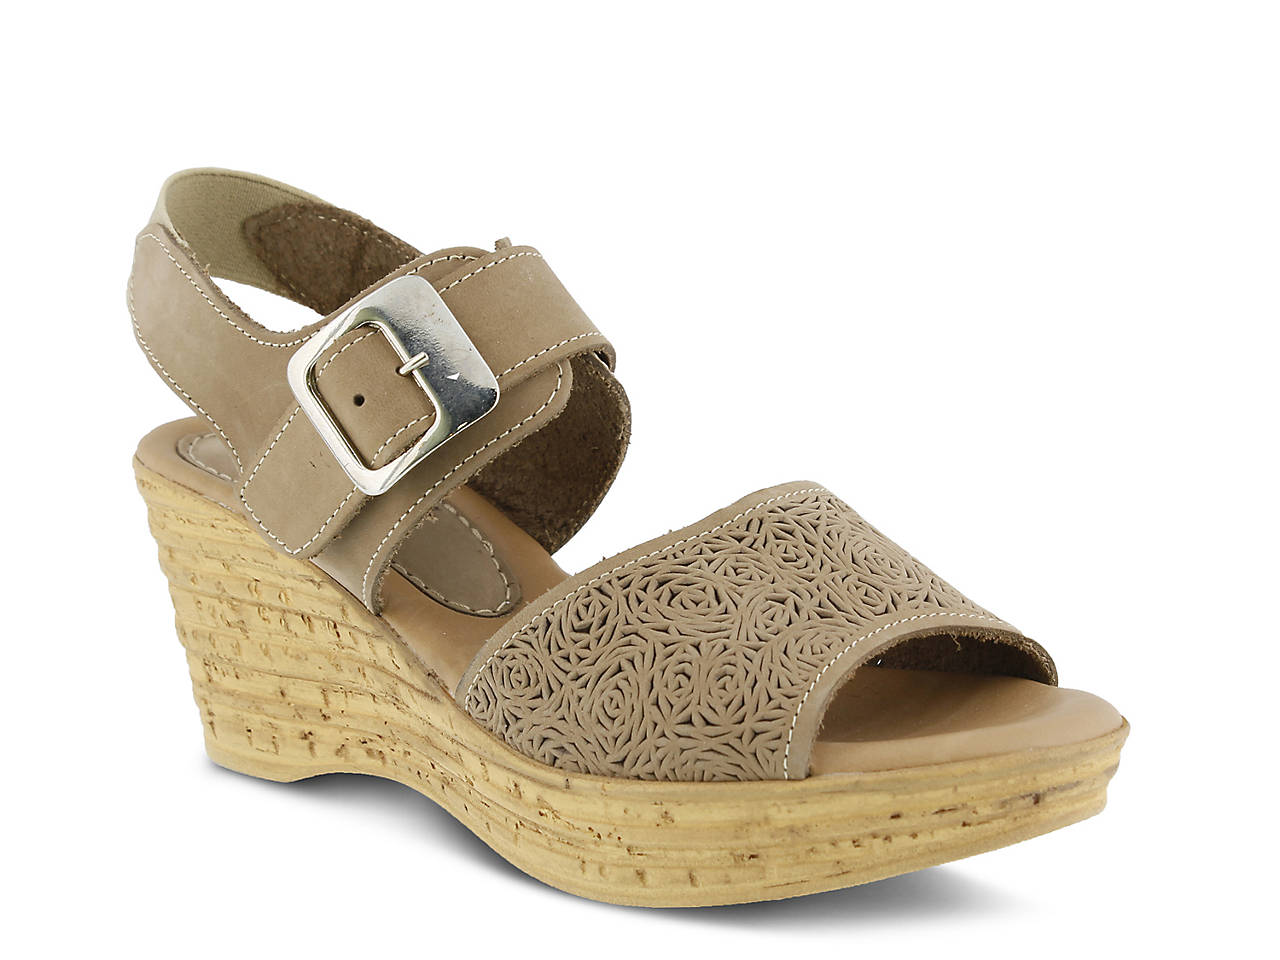 Mitu Wedge Sandal i18oQ